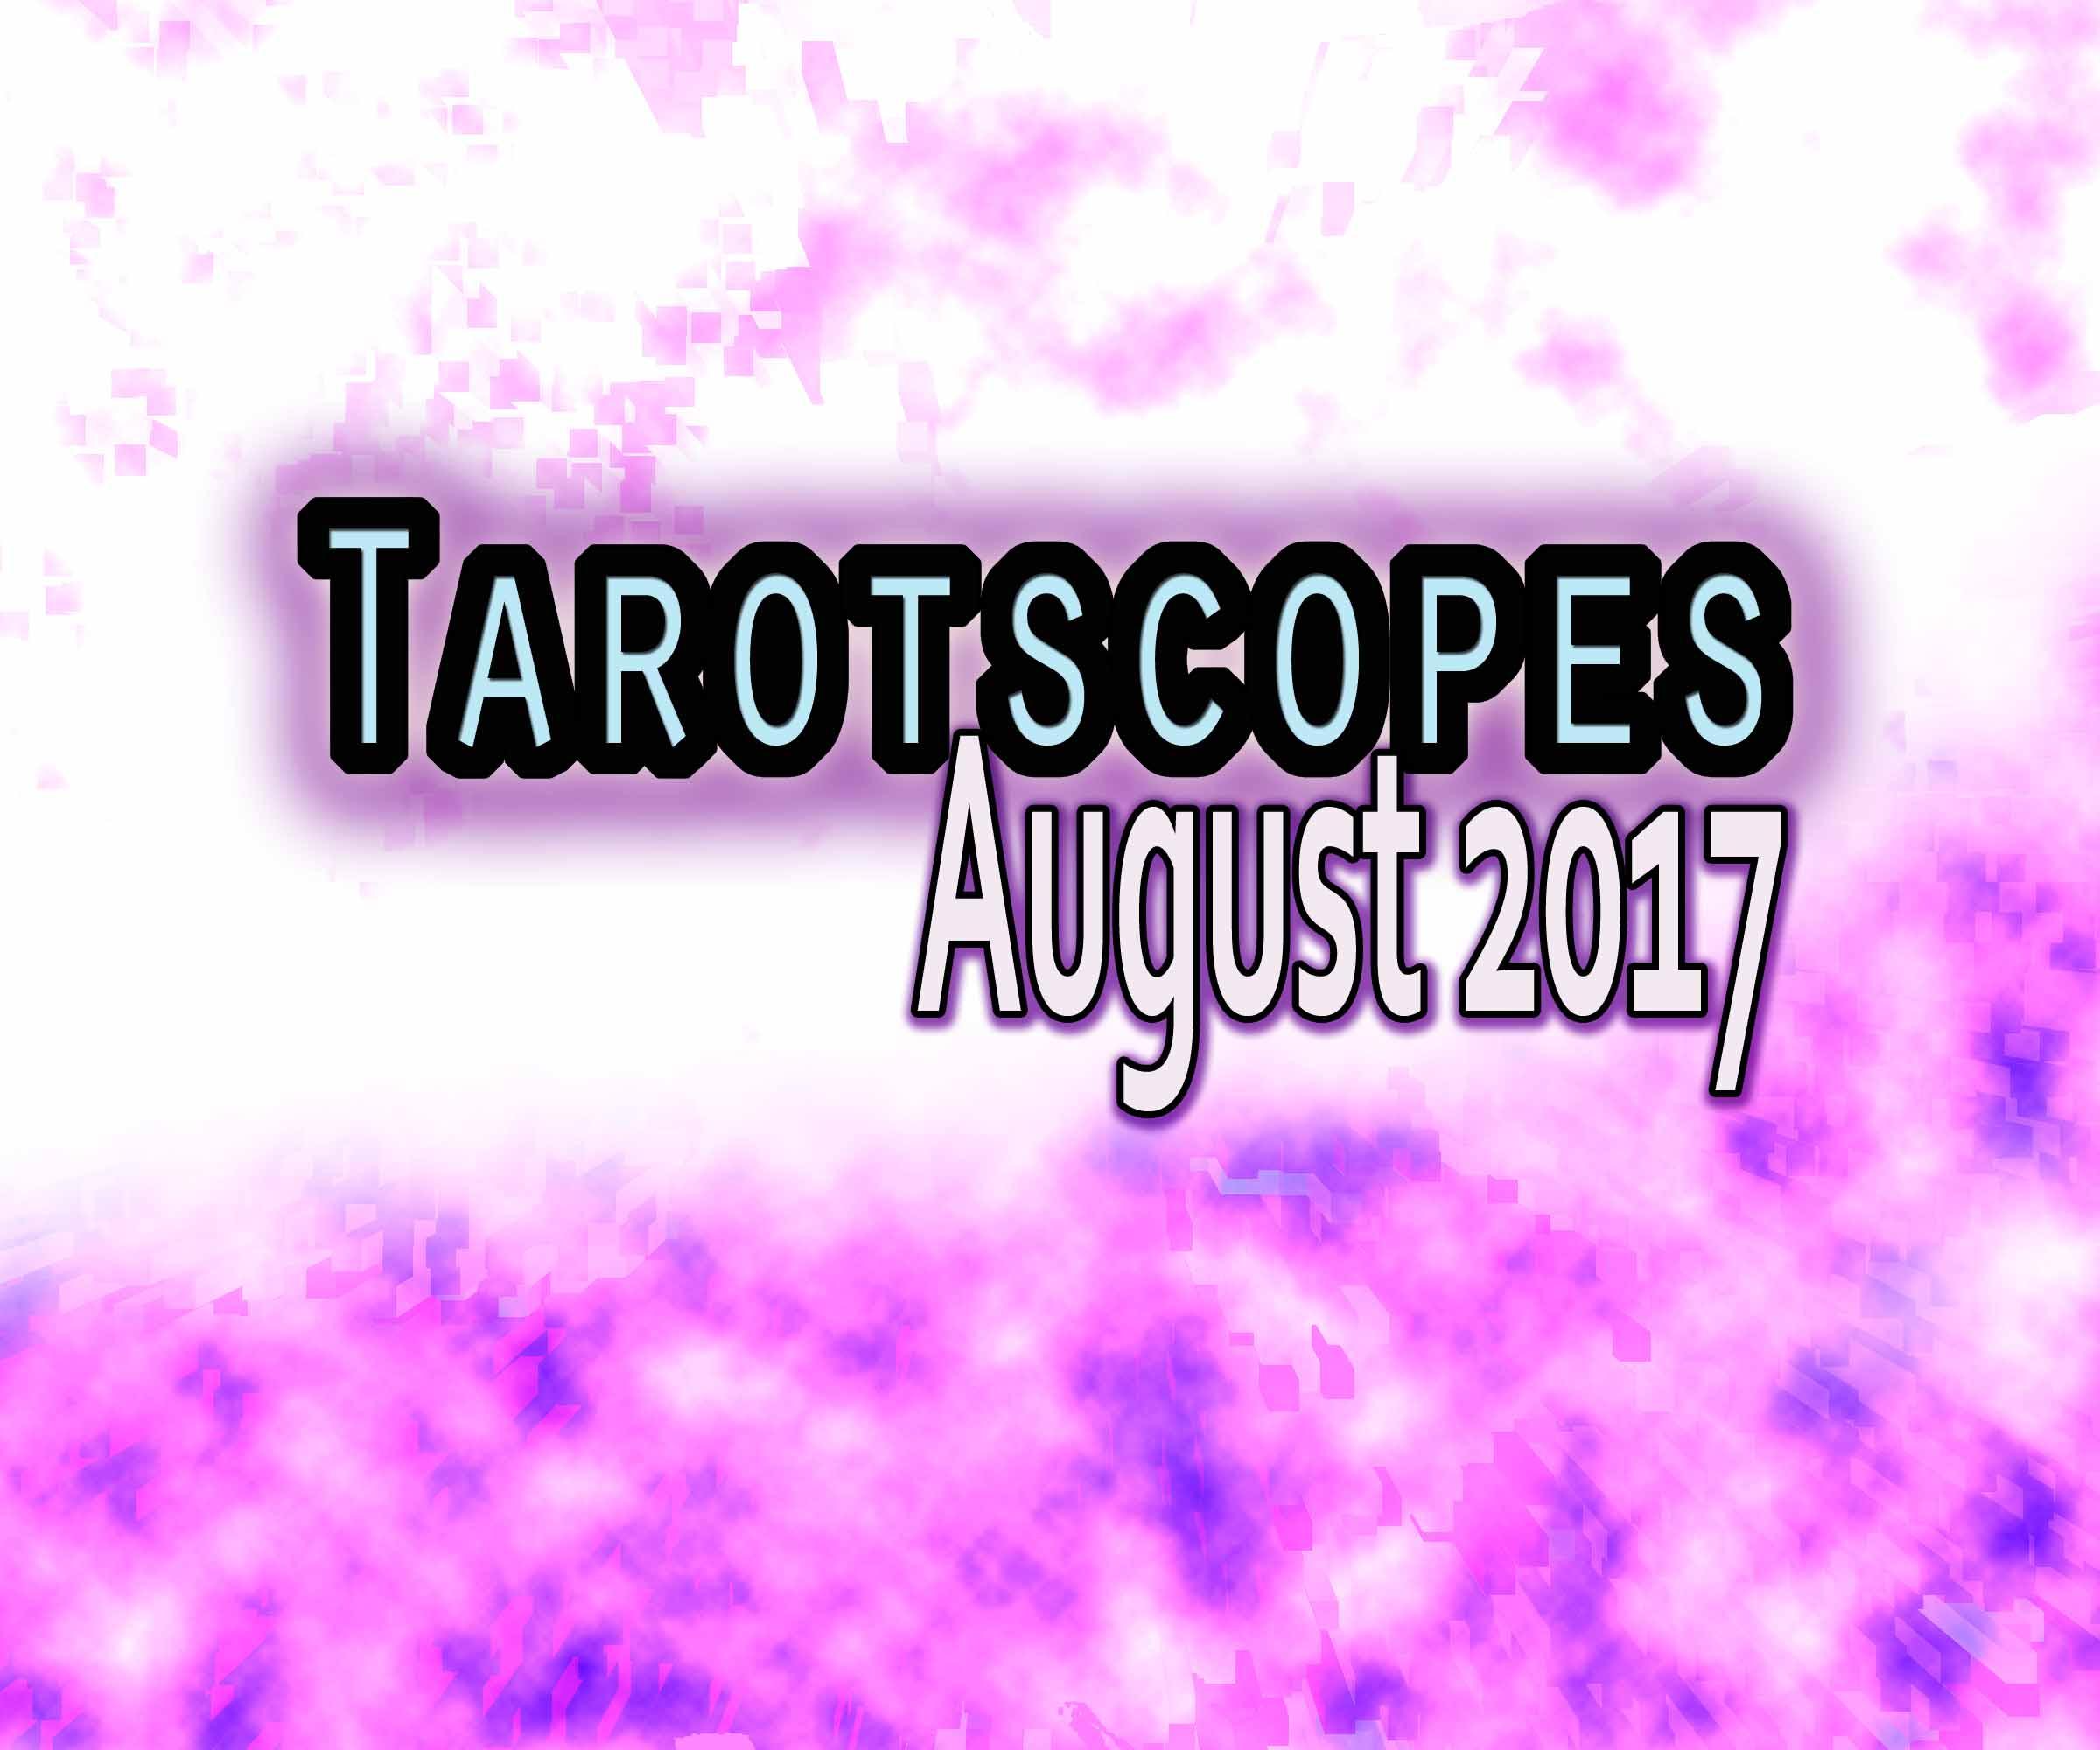 Tarotscopes August 2017